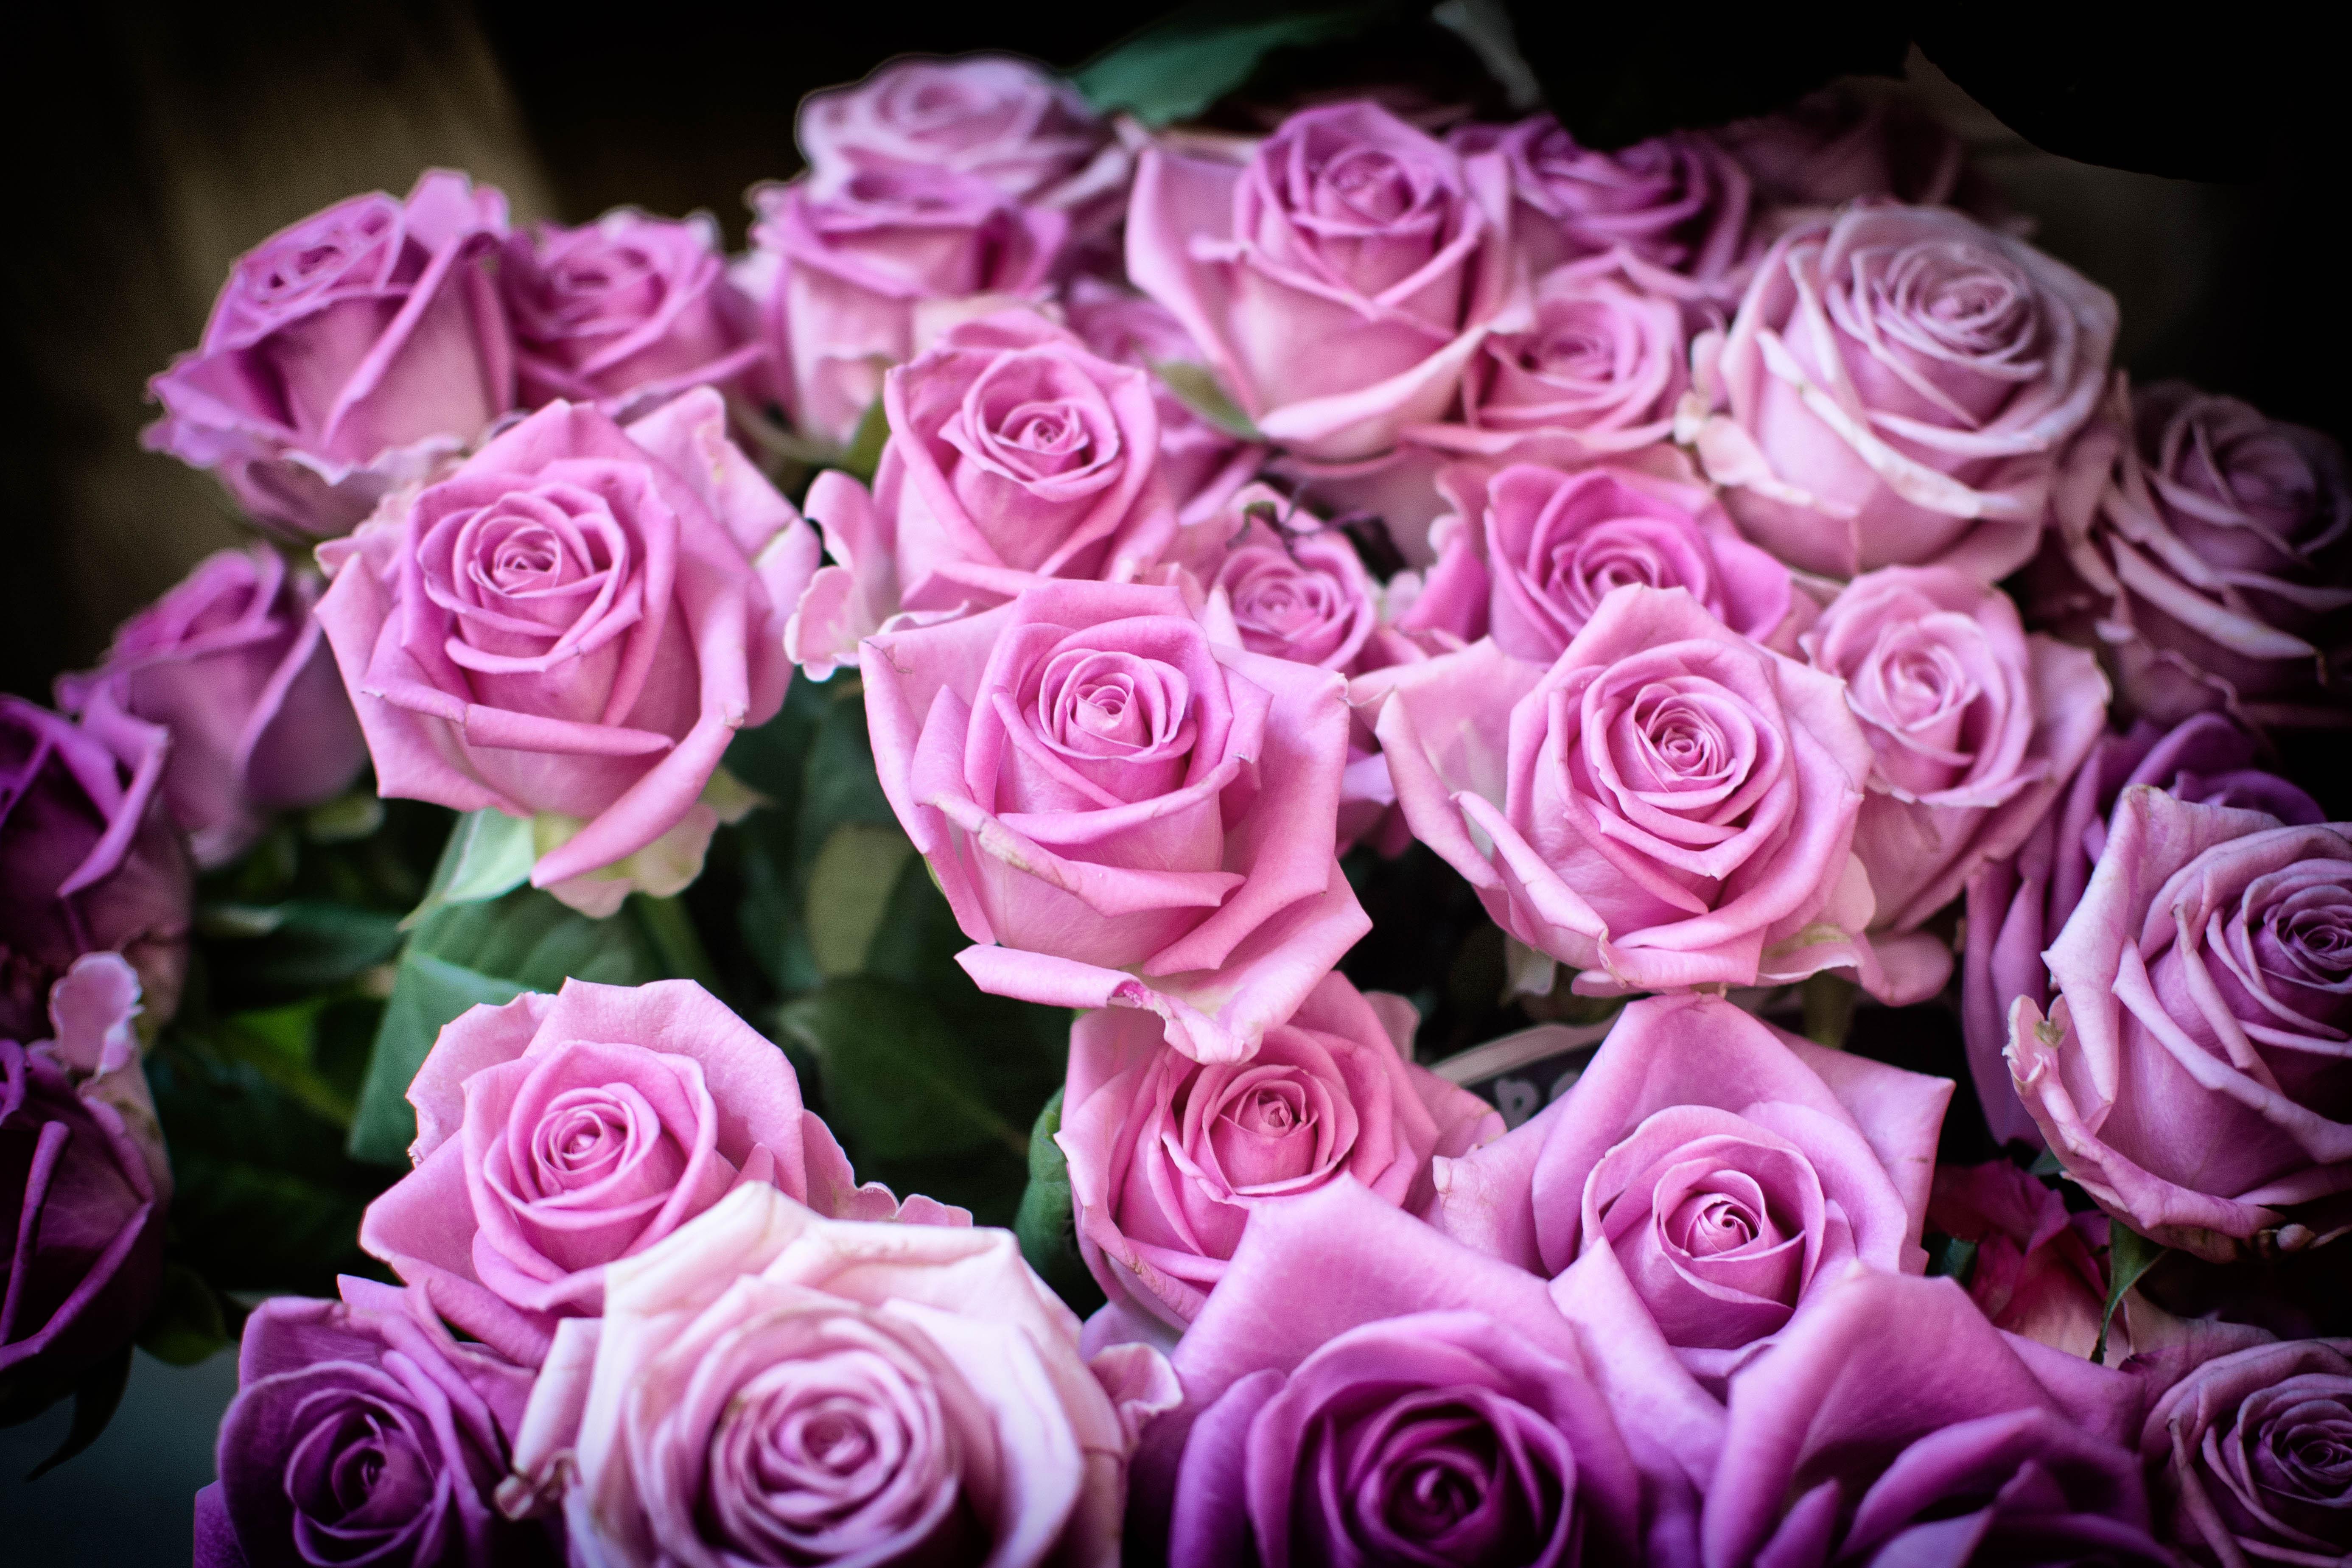 сообщил, картинки роз в высоком разрешении тухью